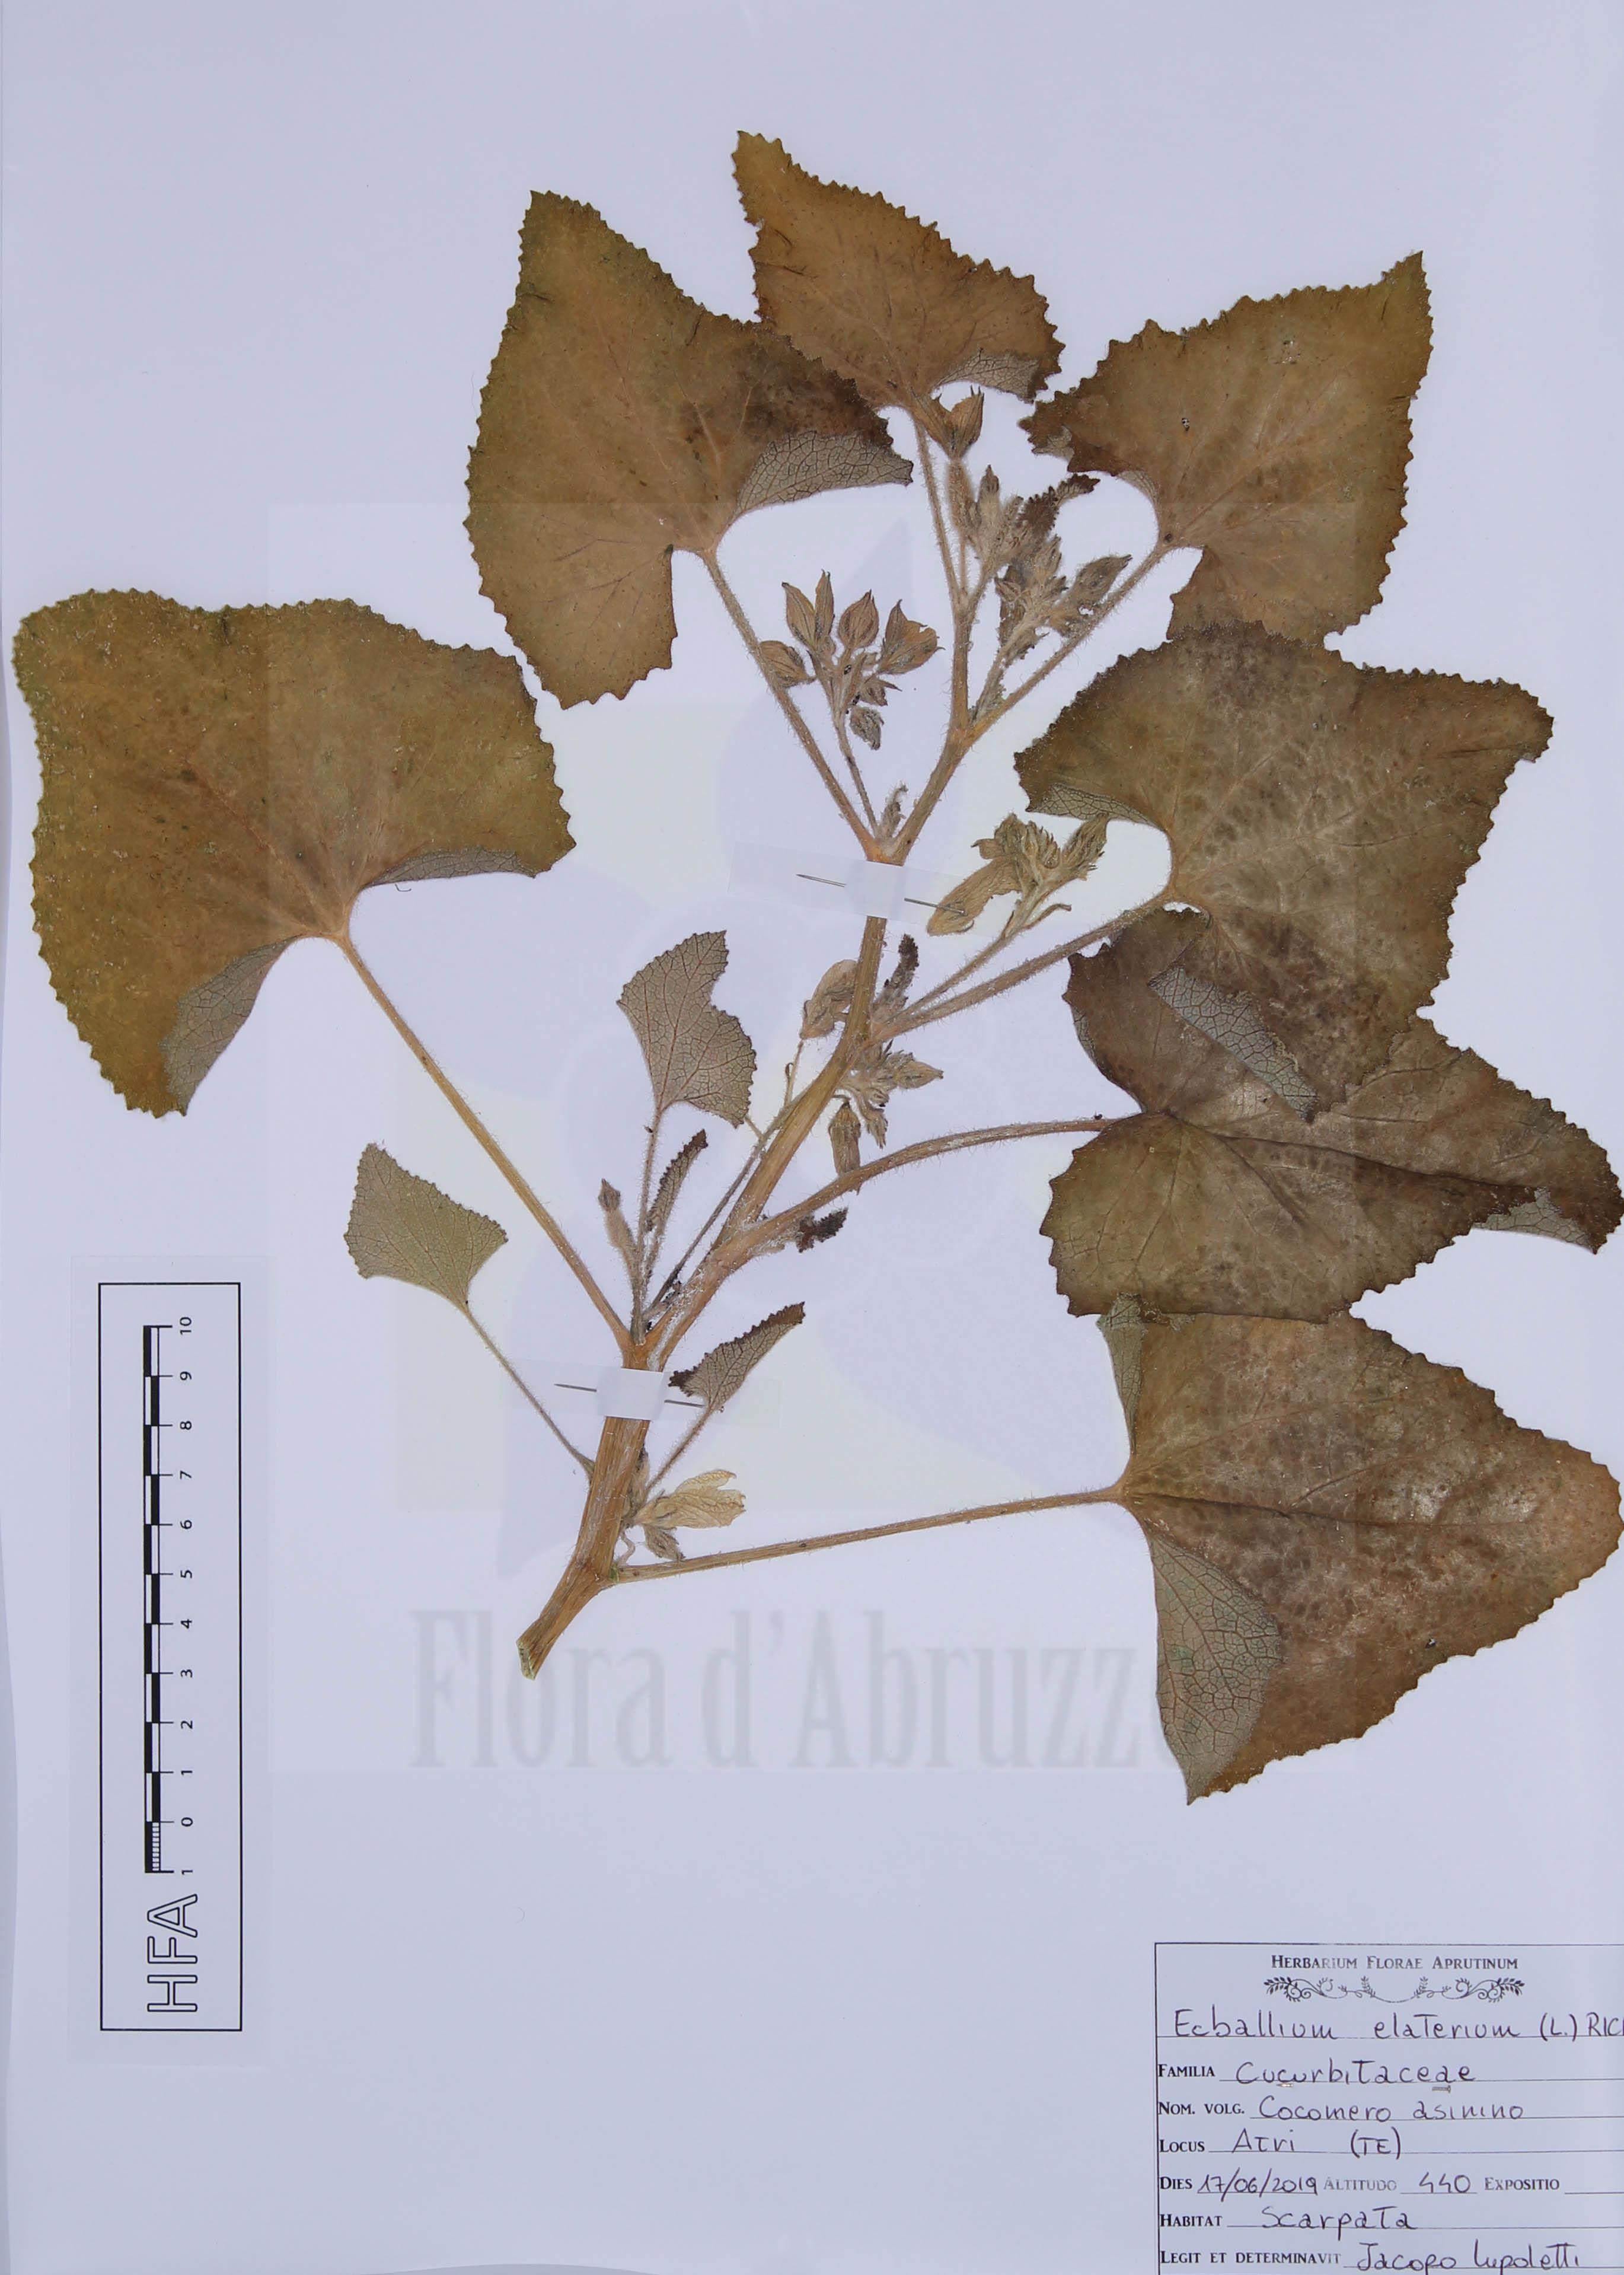 Ecballium elaterium (L.) A. Rich.